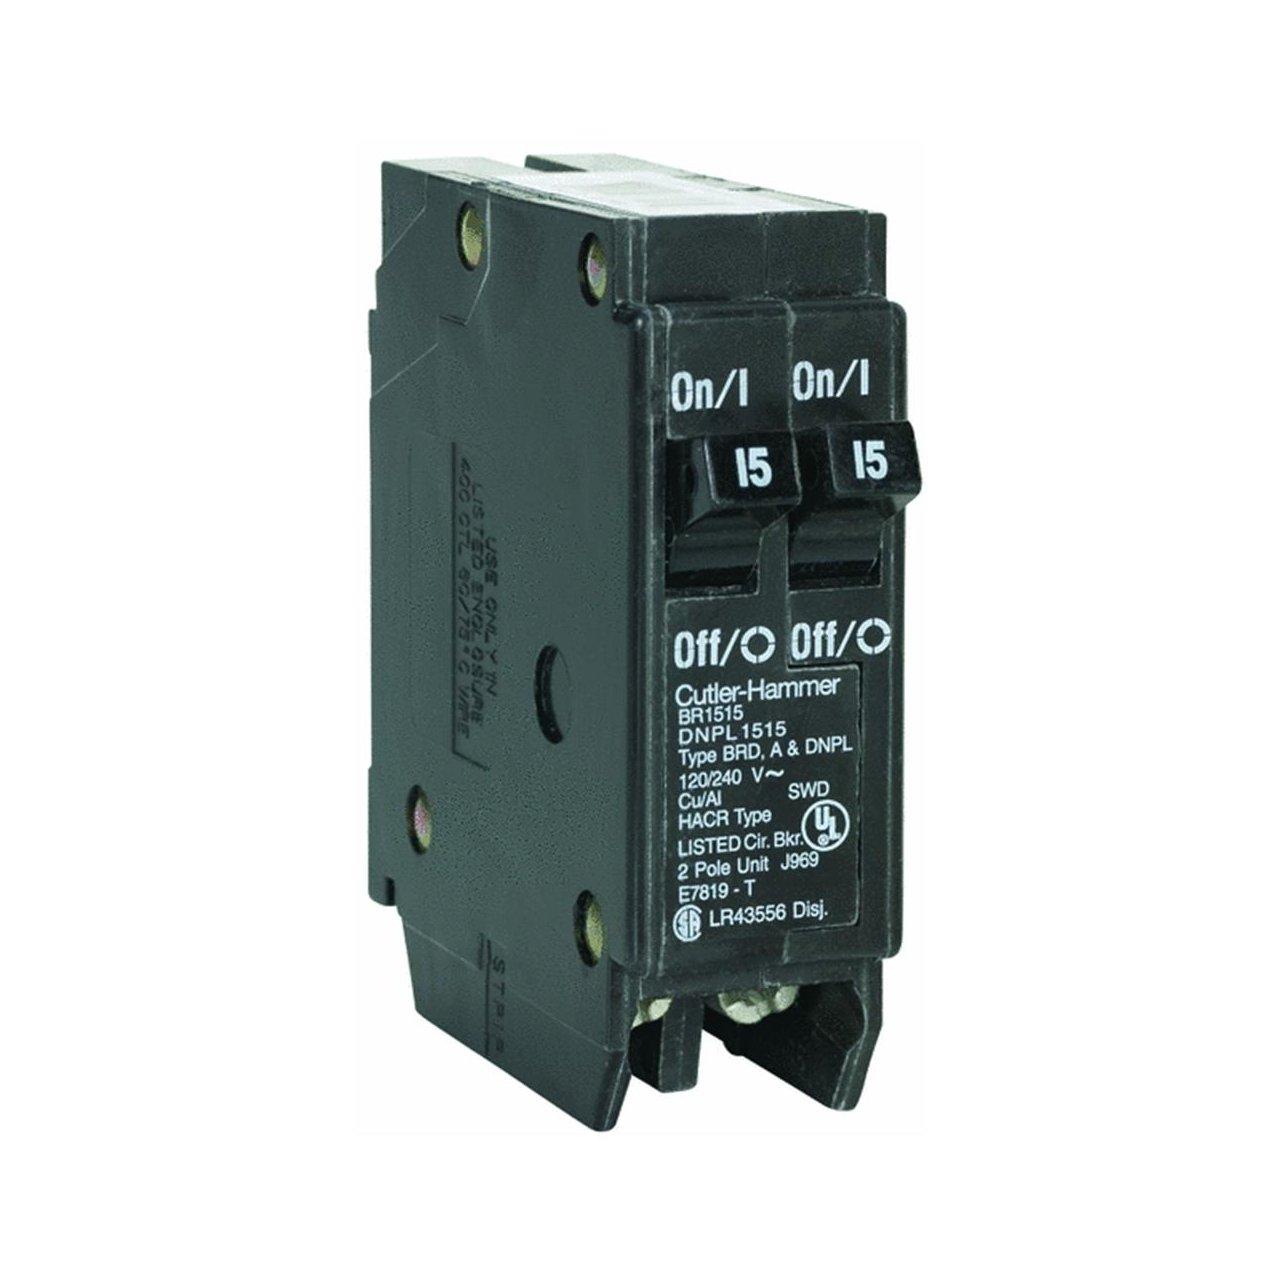 Duplex Cutler Hammer Br2020 Circuit Breaker 120 Volt Schematic Wiring Industrial Scientific